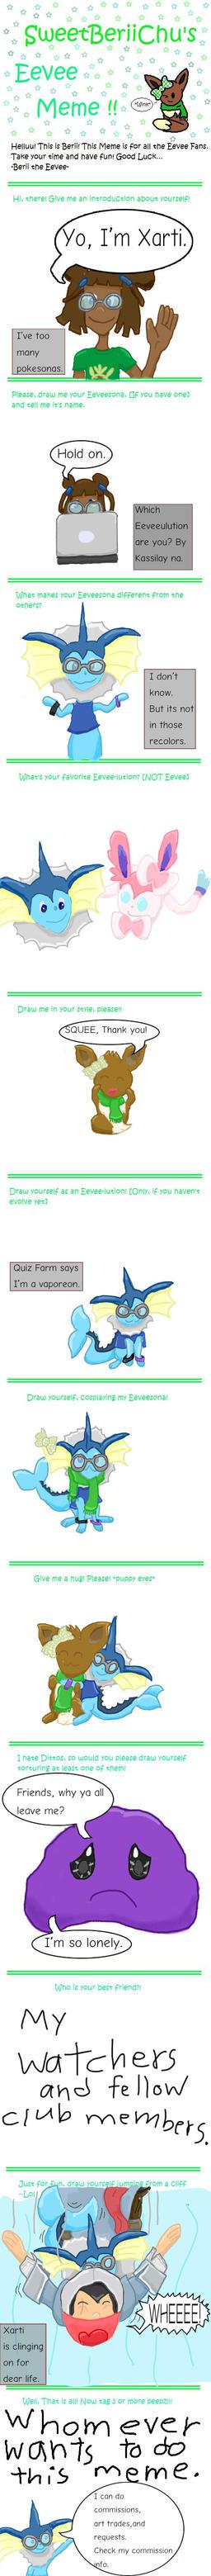 My Eevee Meme by Xarti